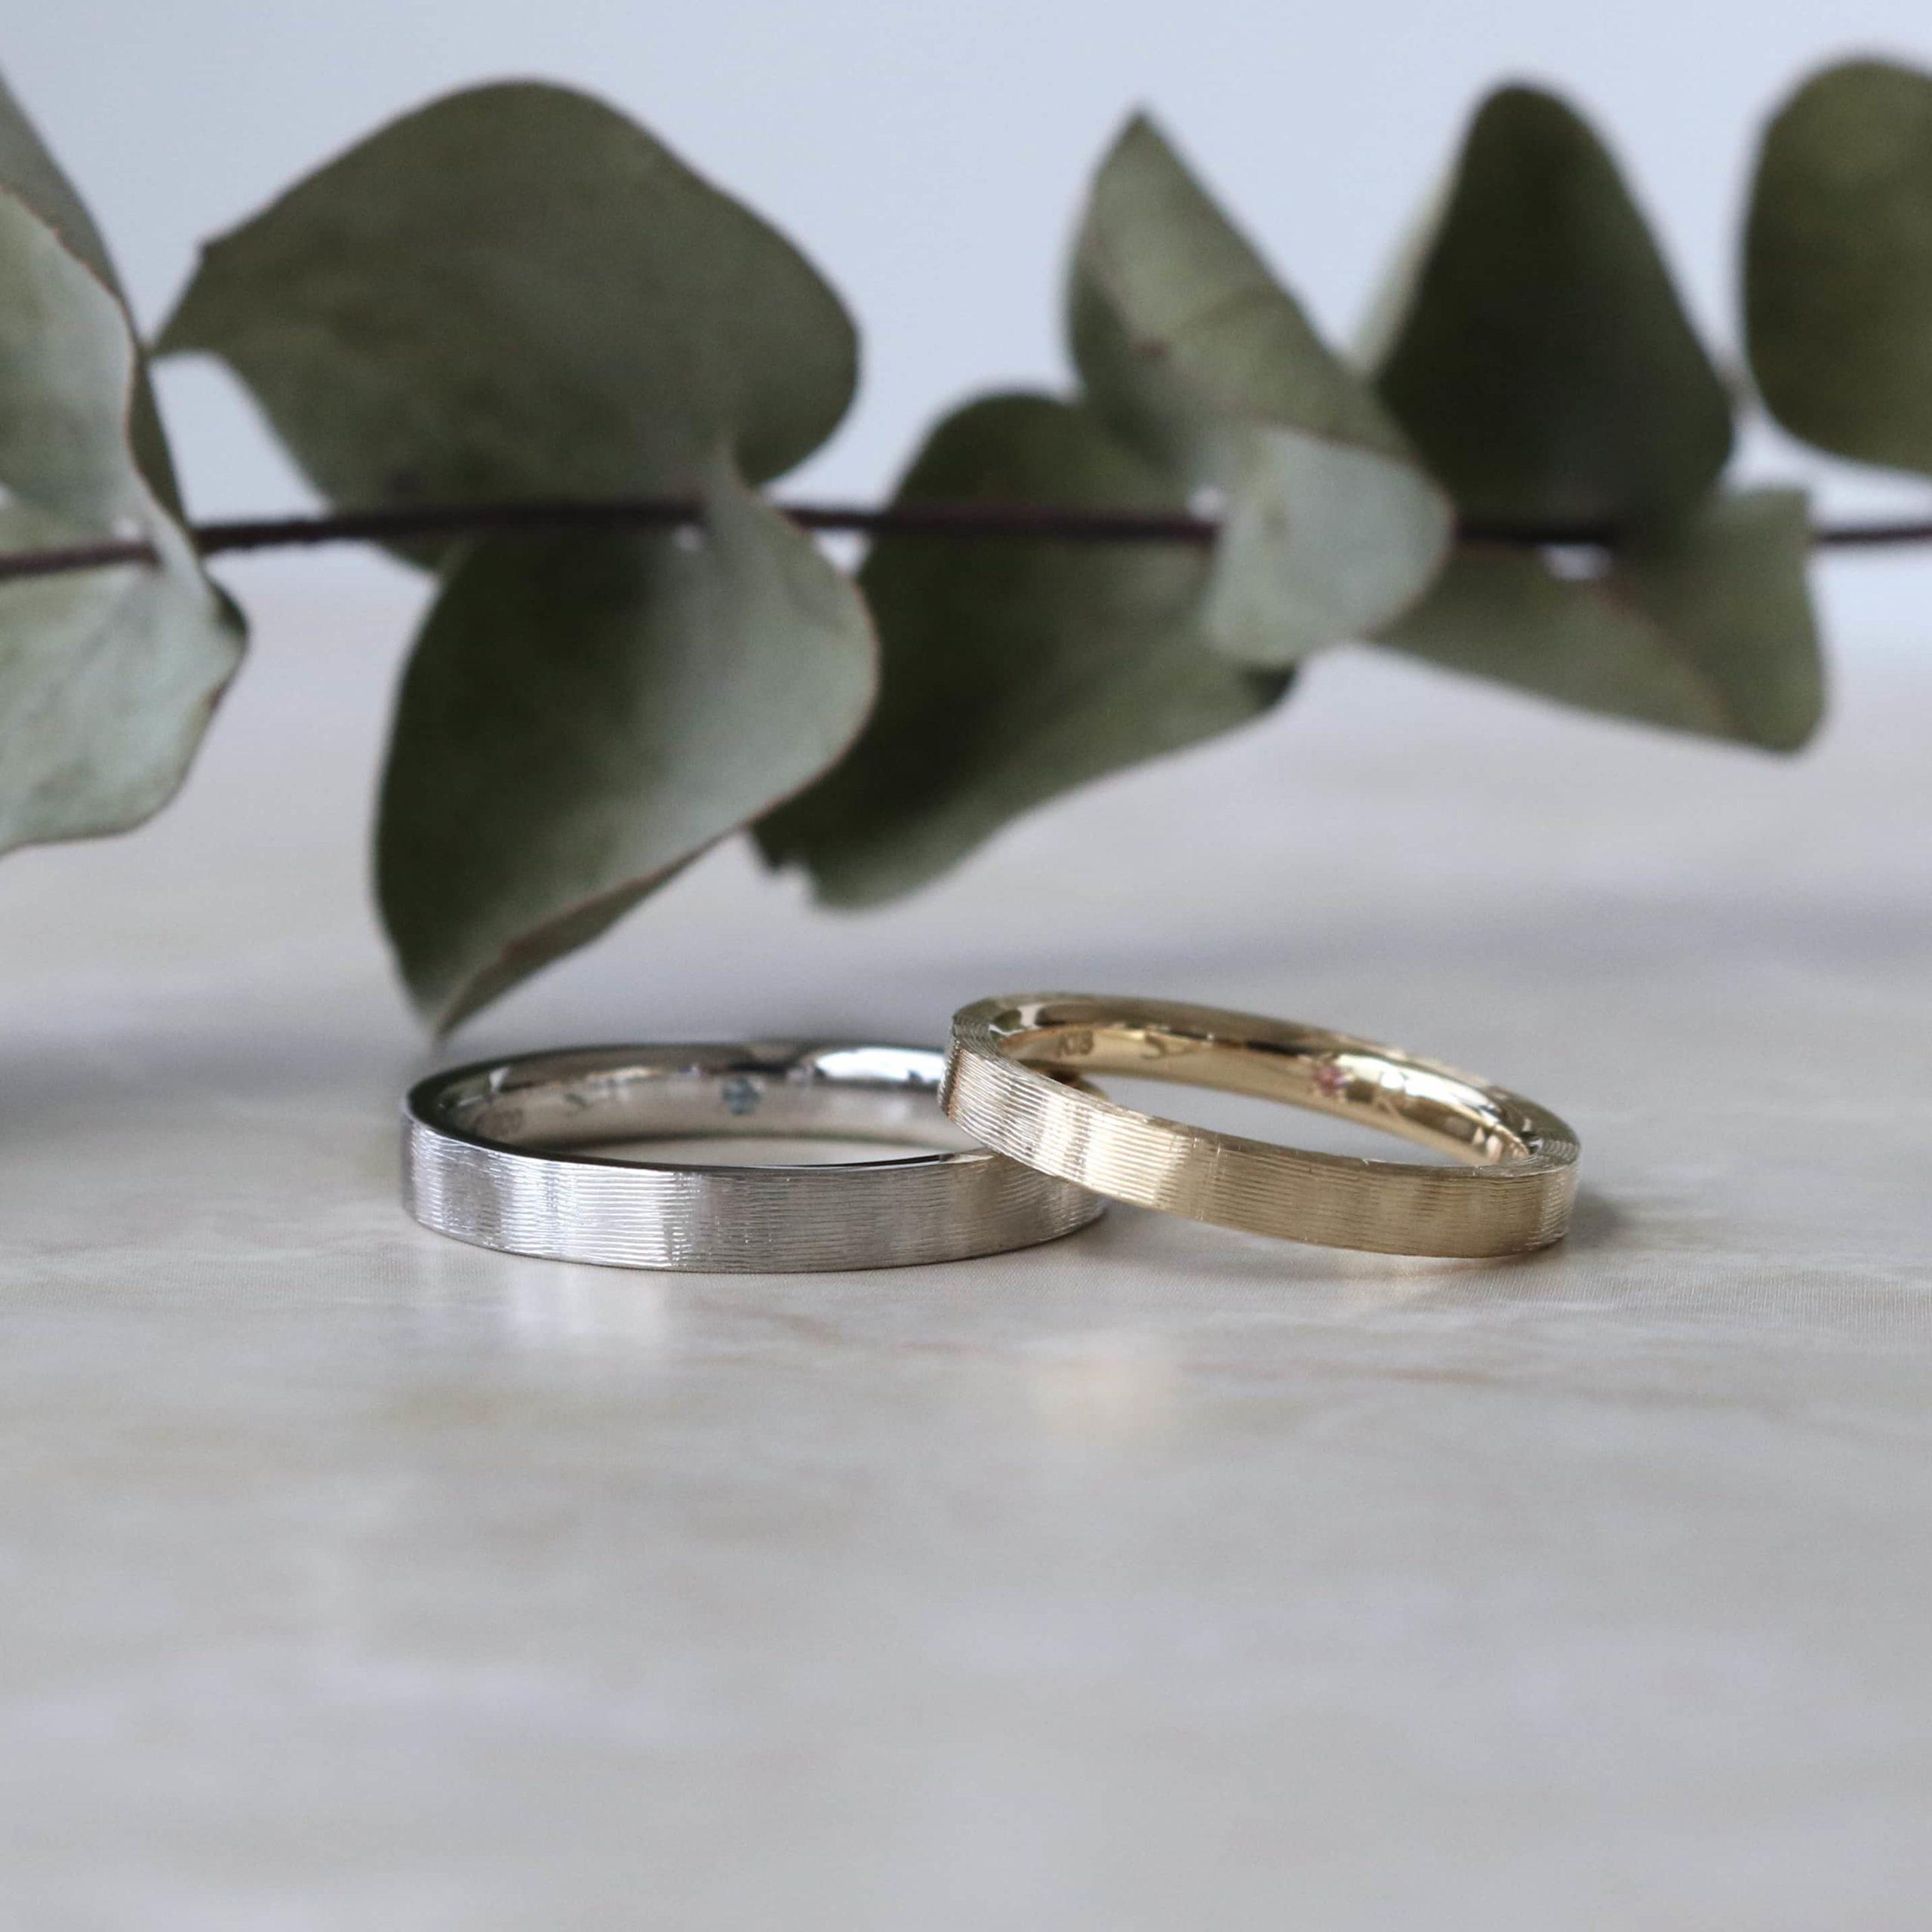 連なるライン彫りが柔らかな光沢感を生み出す色違いの結婚指輪